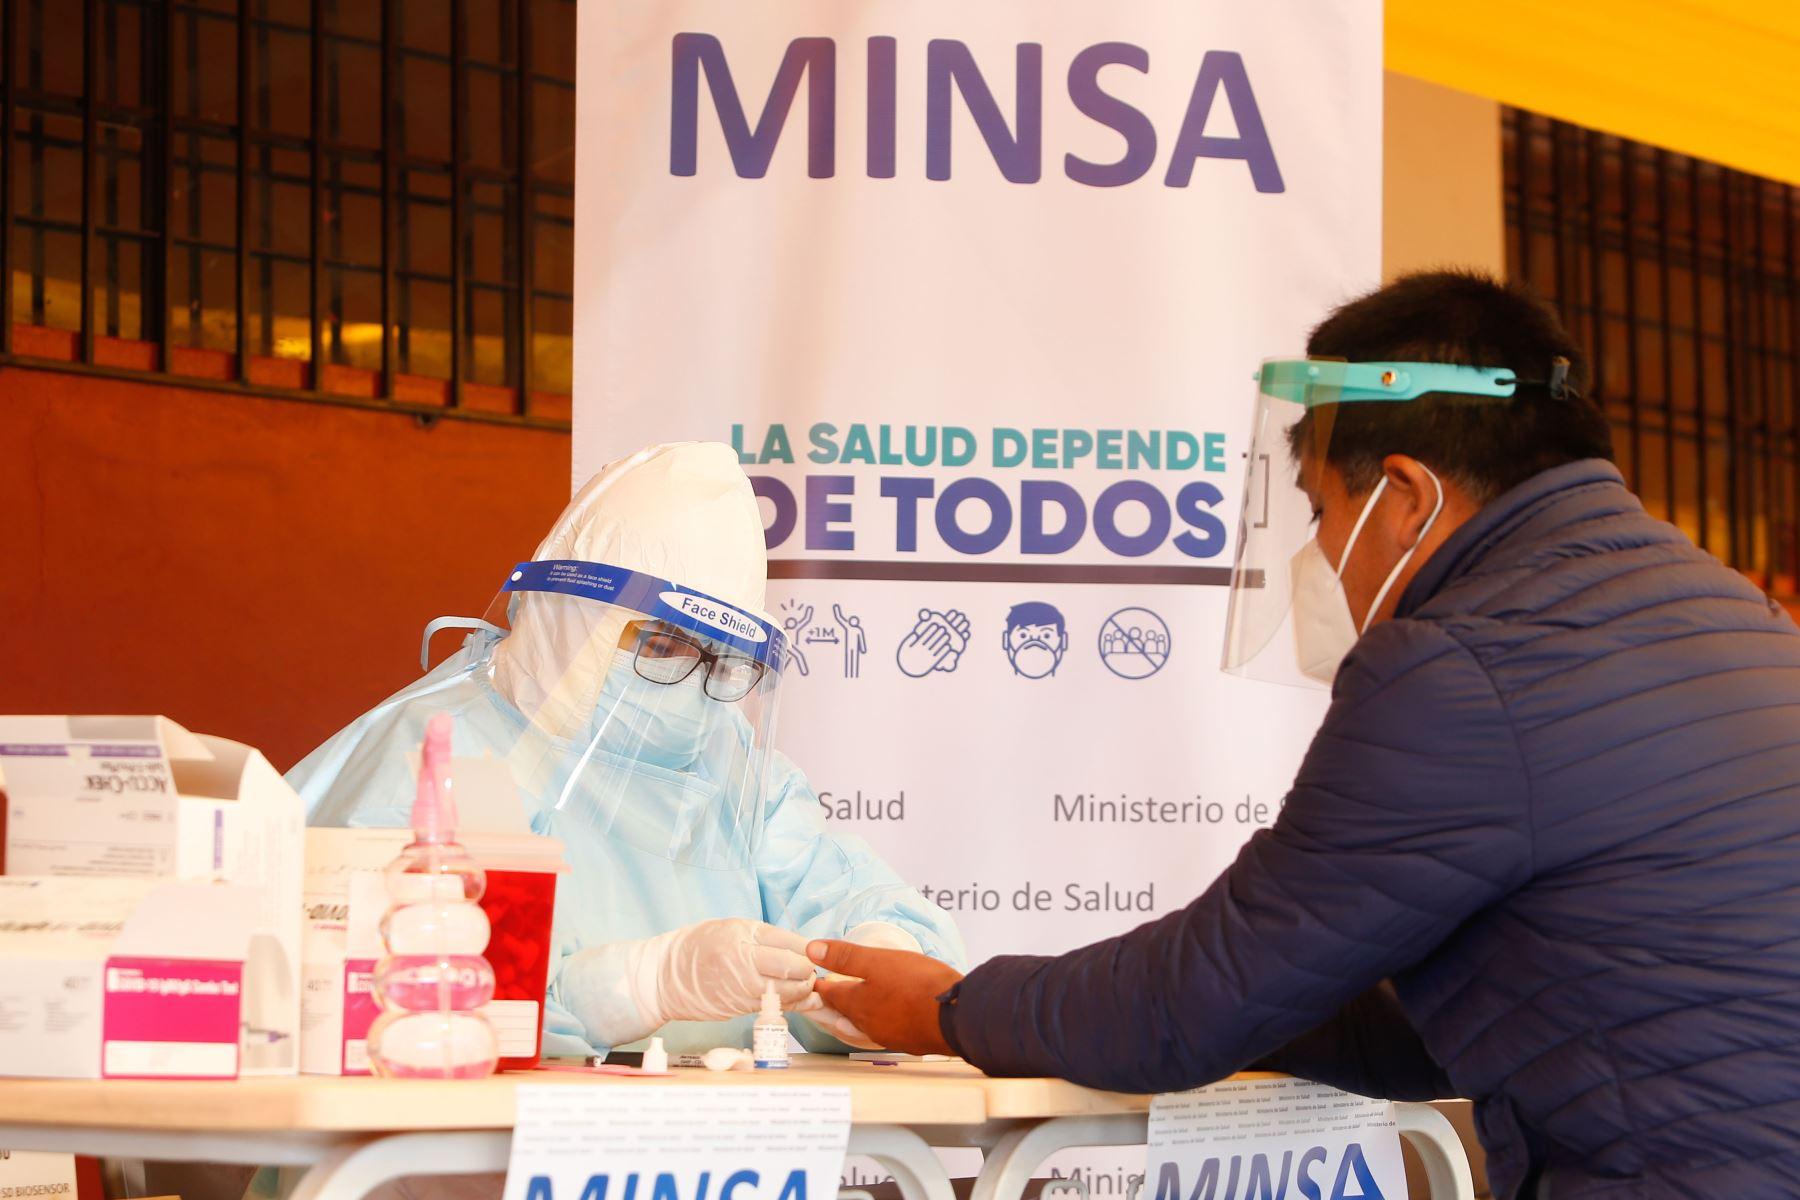 El Minsa señala que, hasta las 22:00 horas del 19 de agosto, se han procesado muestras para 16 millones 332,153 personas por el covid-19. ANDINA/ Minsa